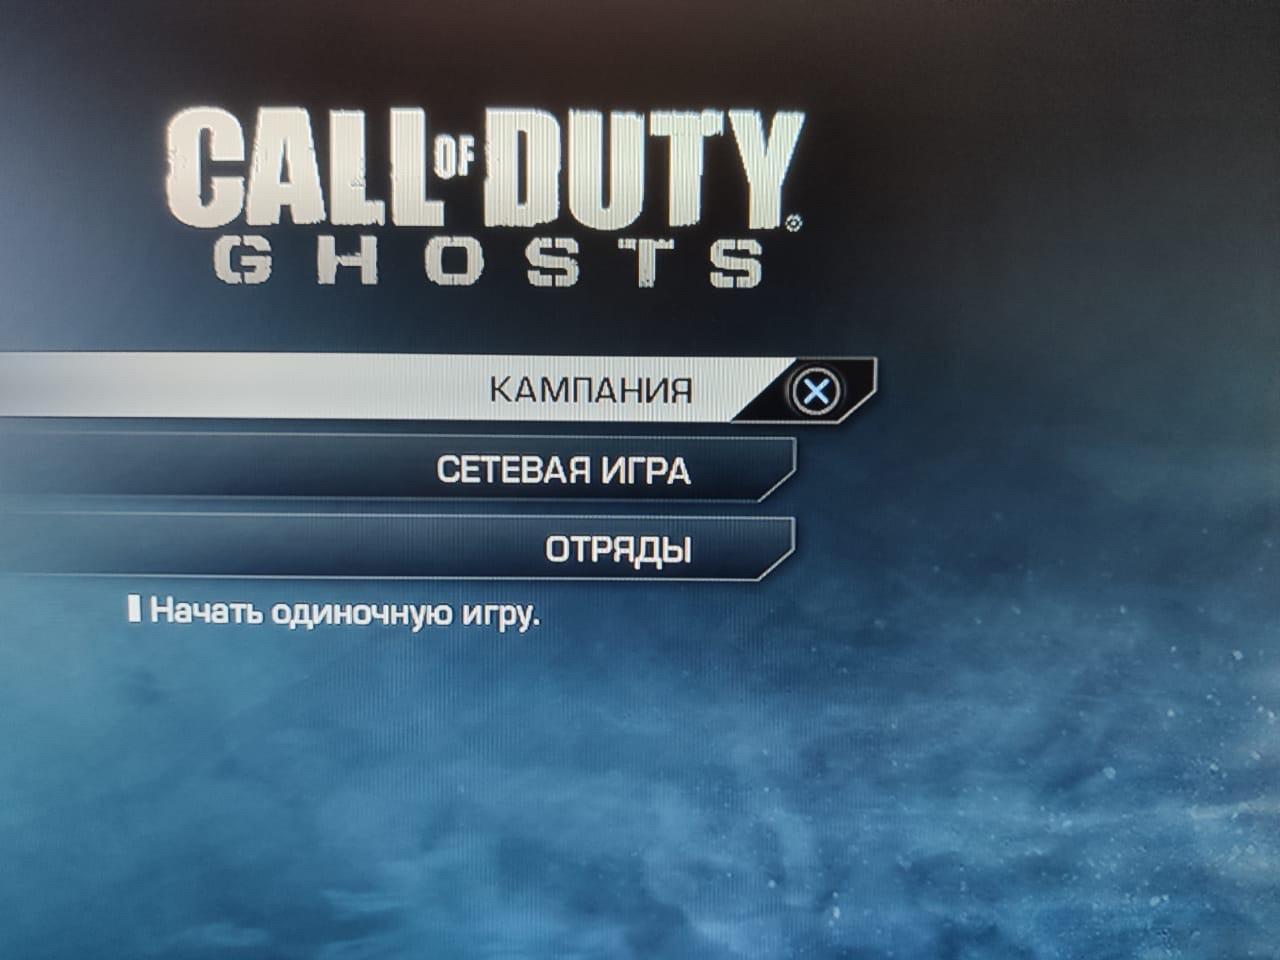 Call of duty ghosts ps4 в Москве 89266884320 купить 2